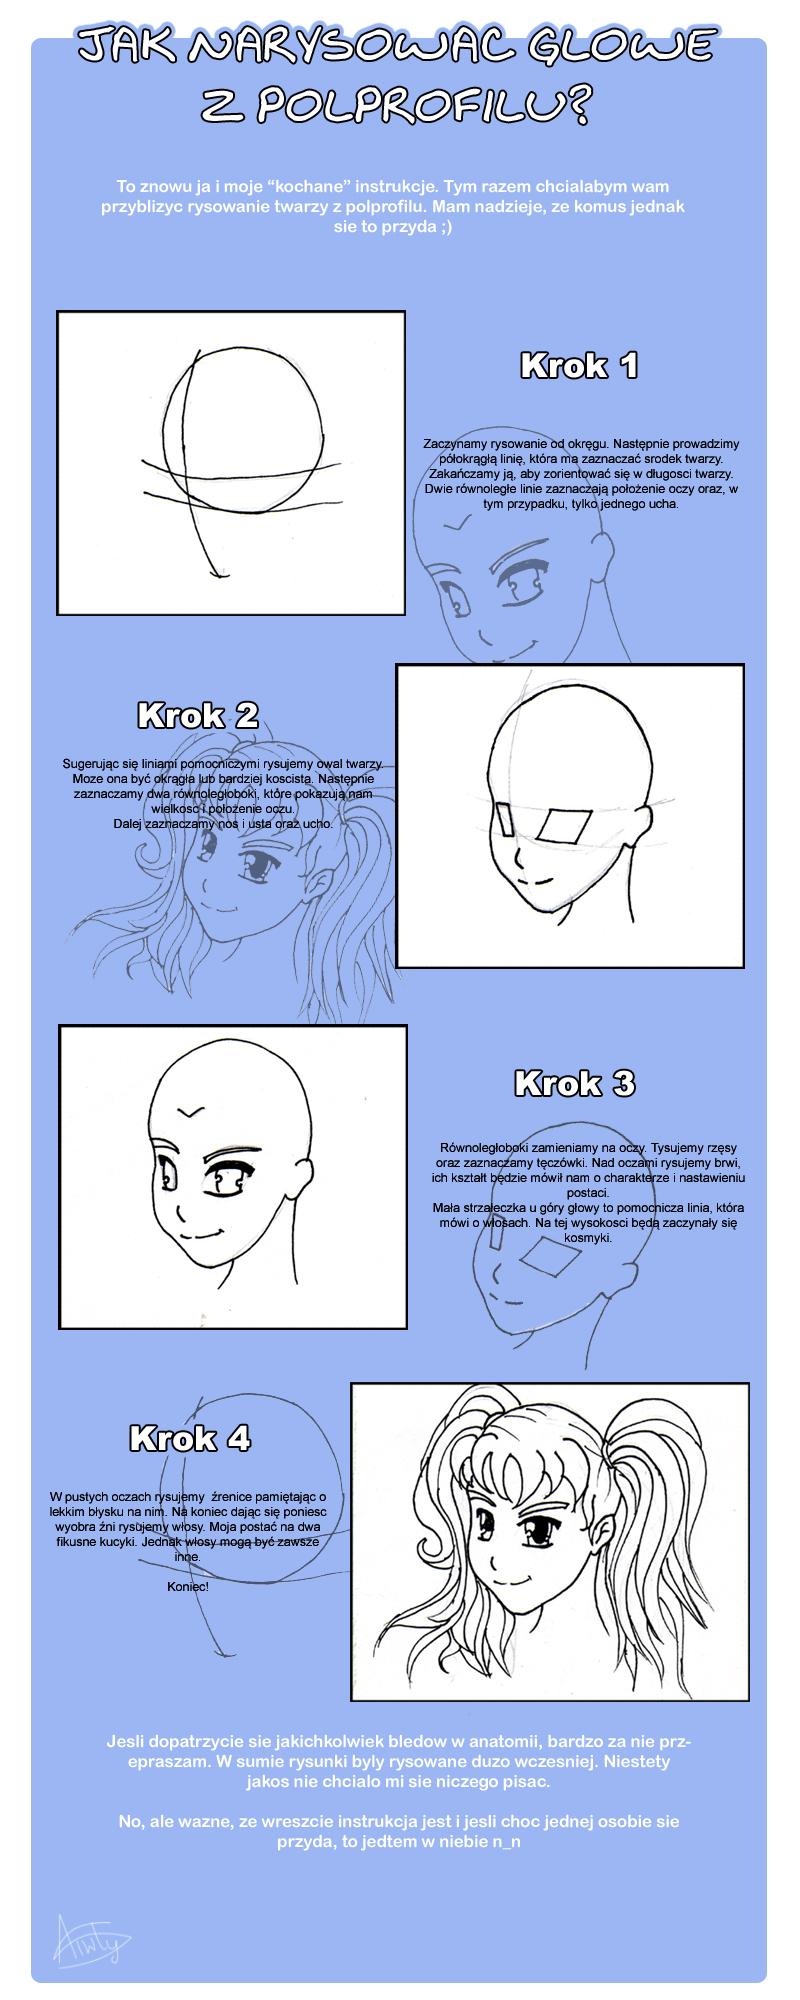 Jak rysowac glowe z polprofilu by Aiwlys